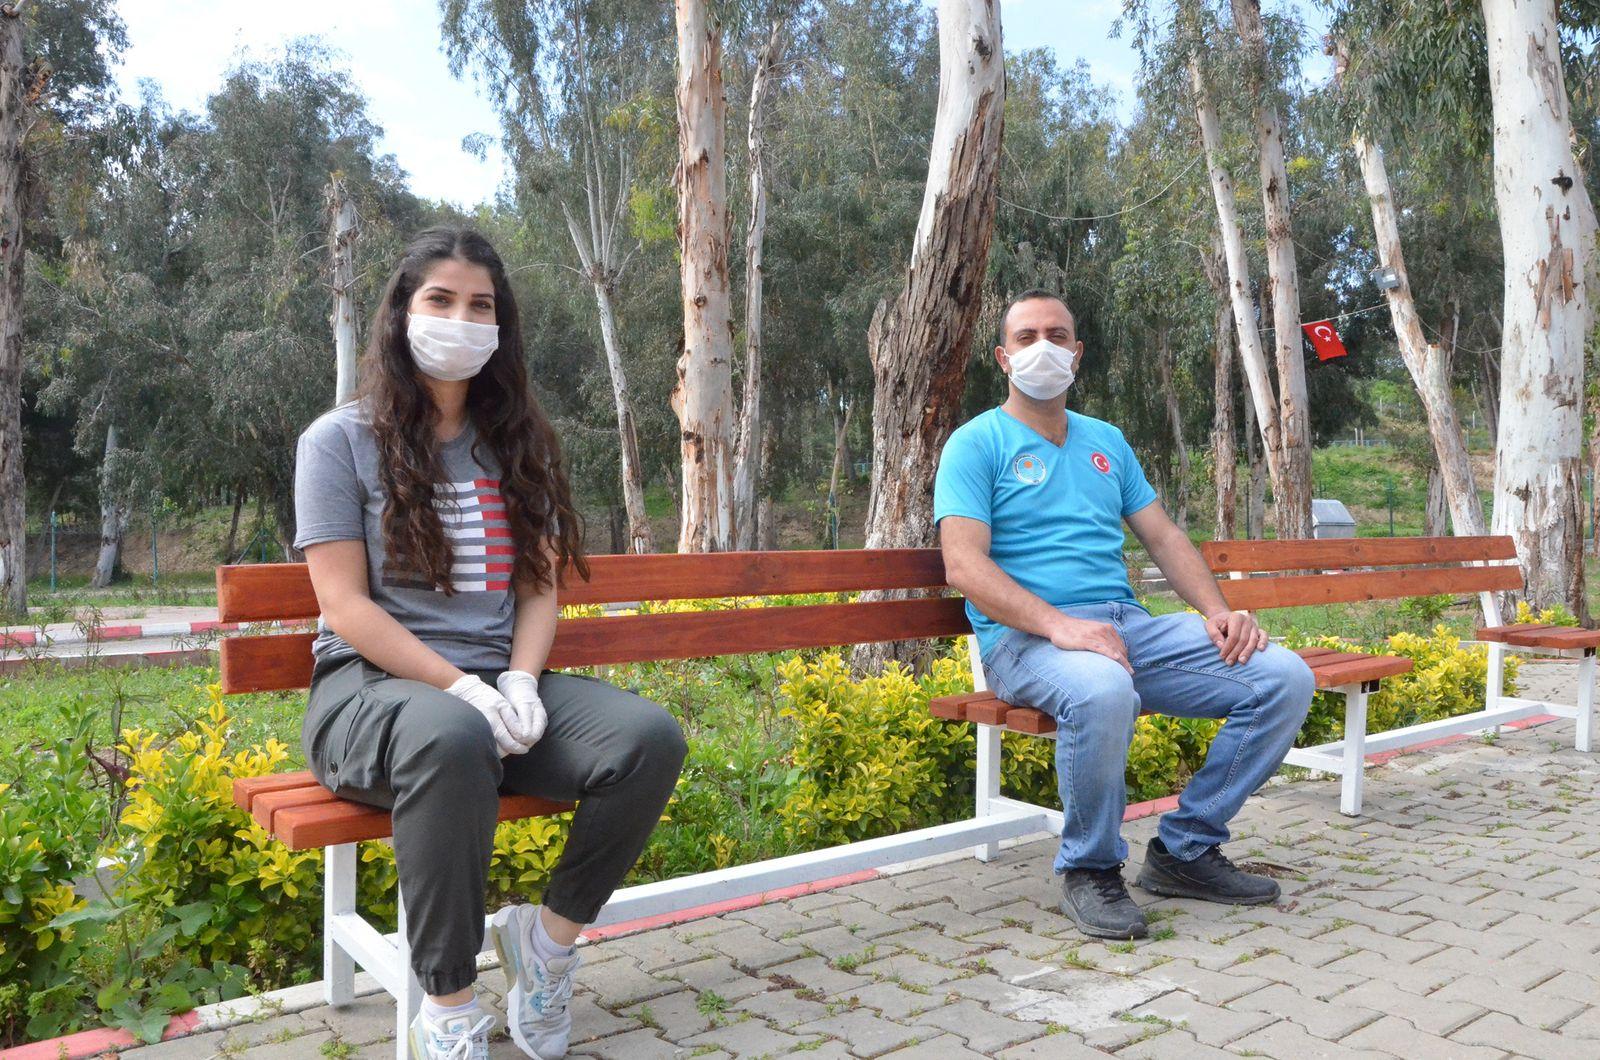 Türkische Stadt stellt «Corona-Bänke» in Parks auf